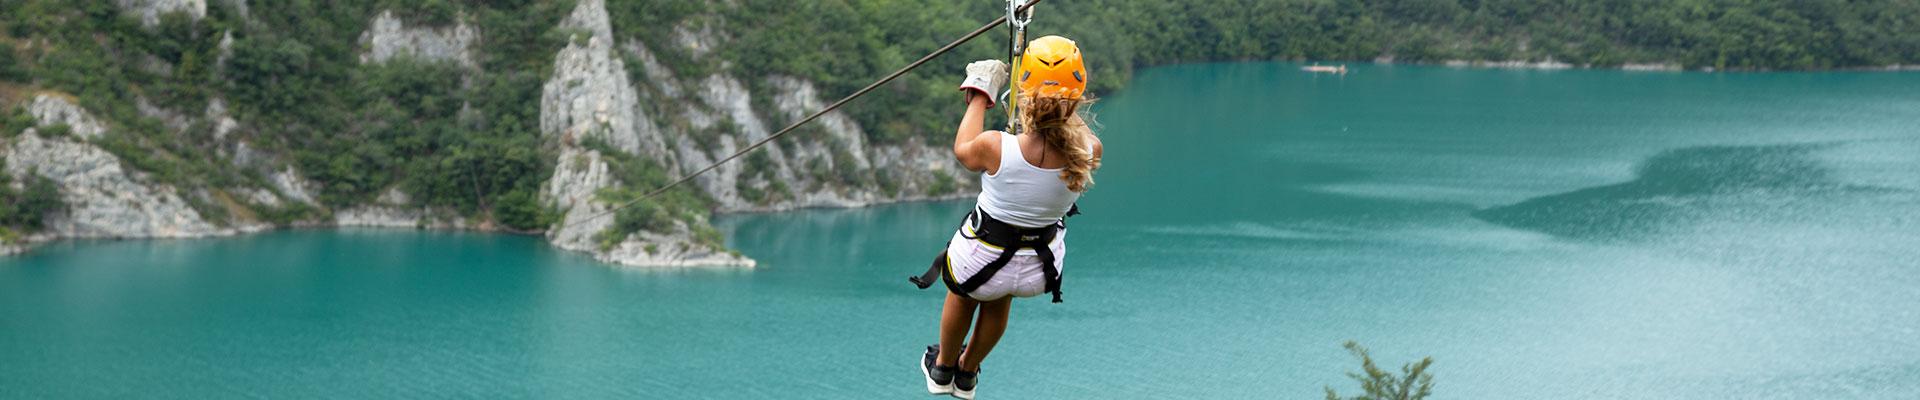 Zip Line - Tara River Canyon - Montenegro